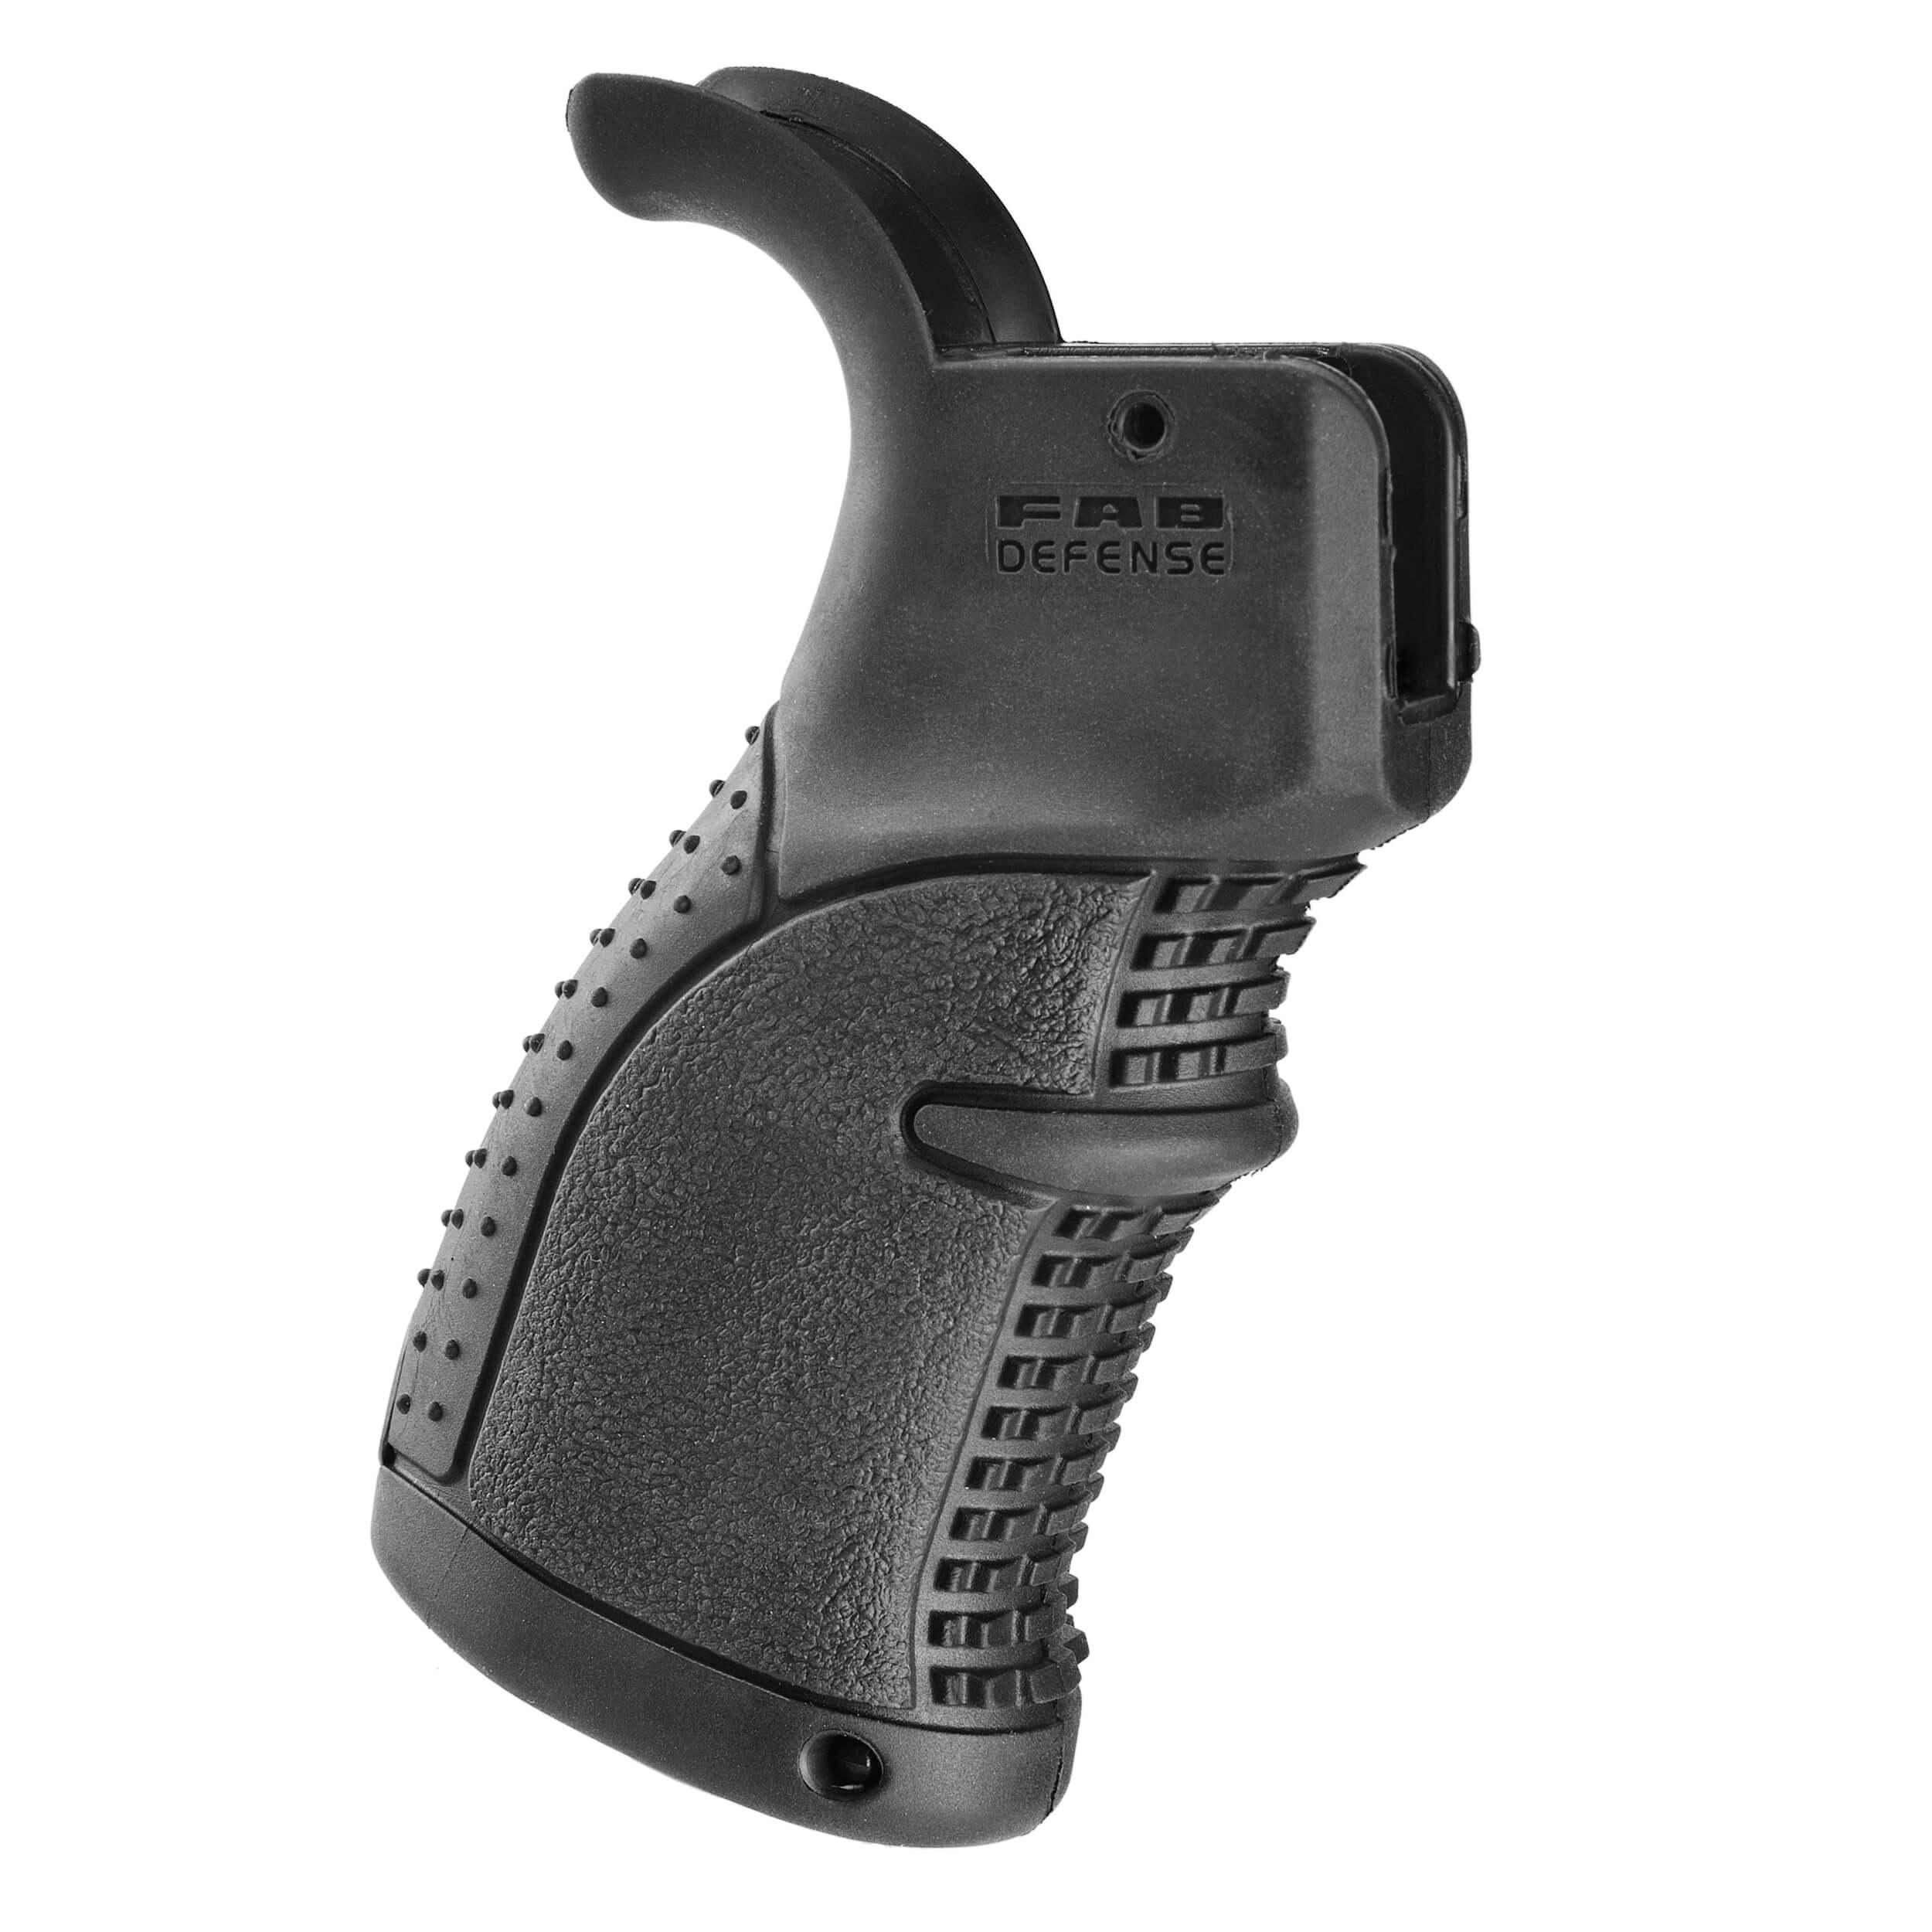 AGR-43 Rubberized Pistol Grip M16 / M4 / AR-15